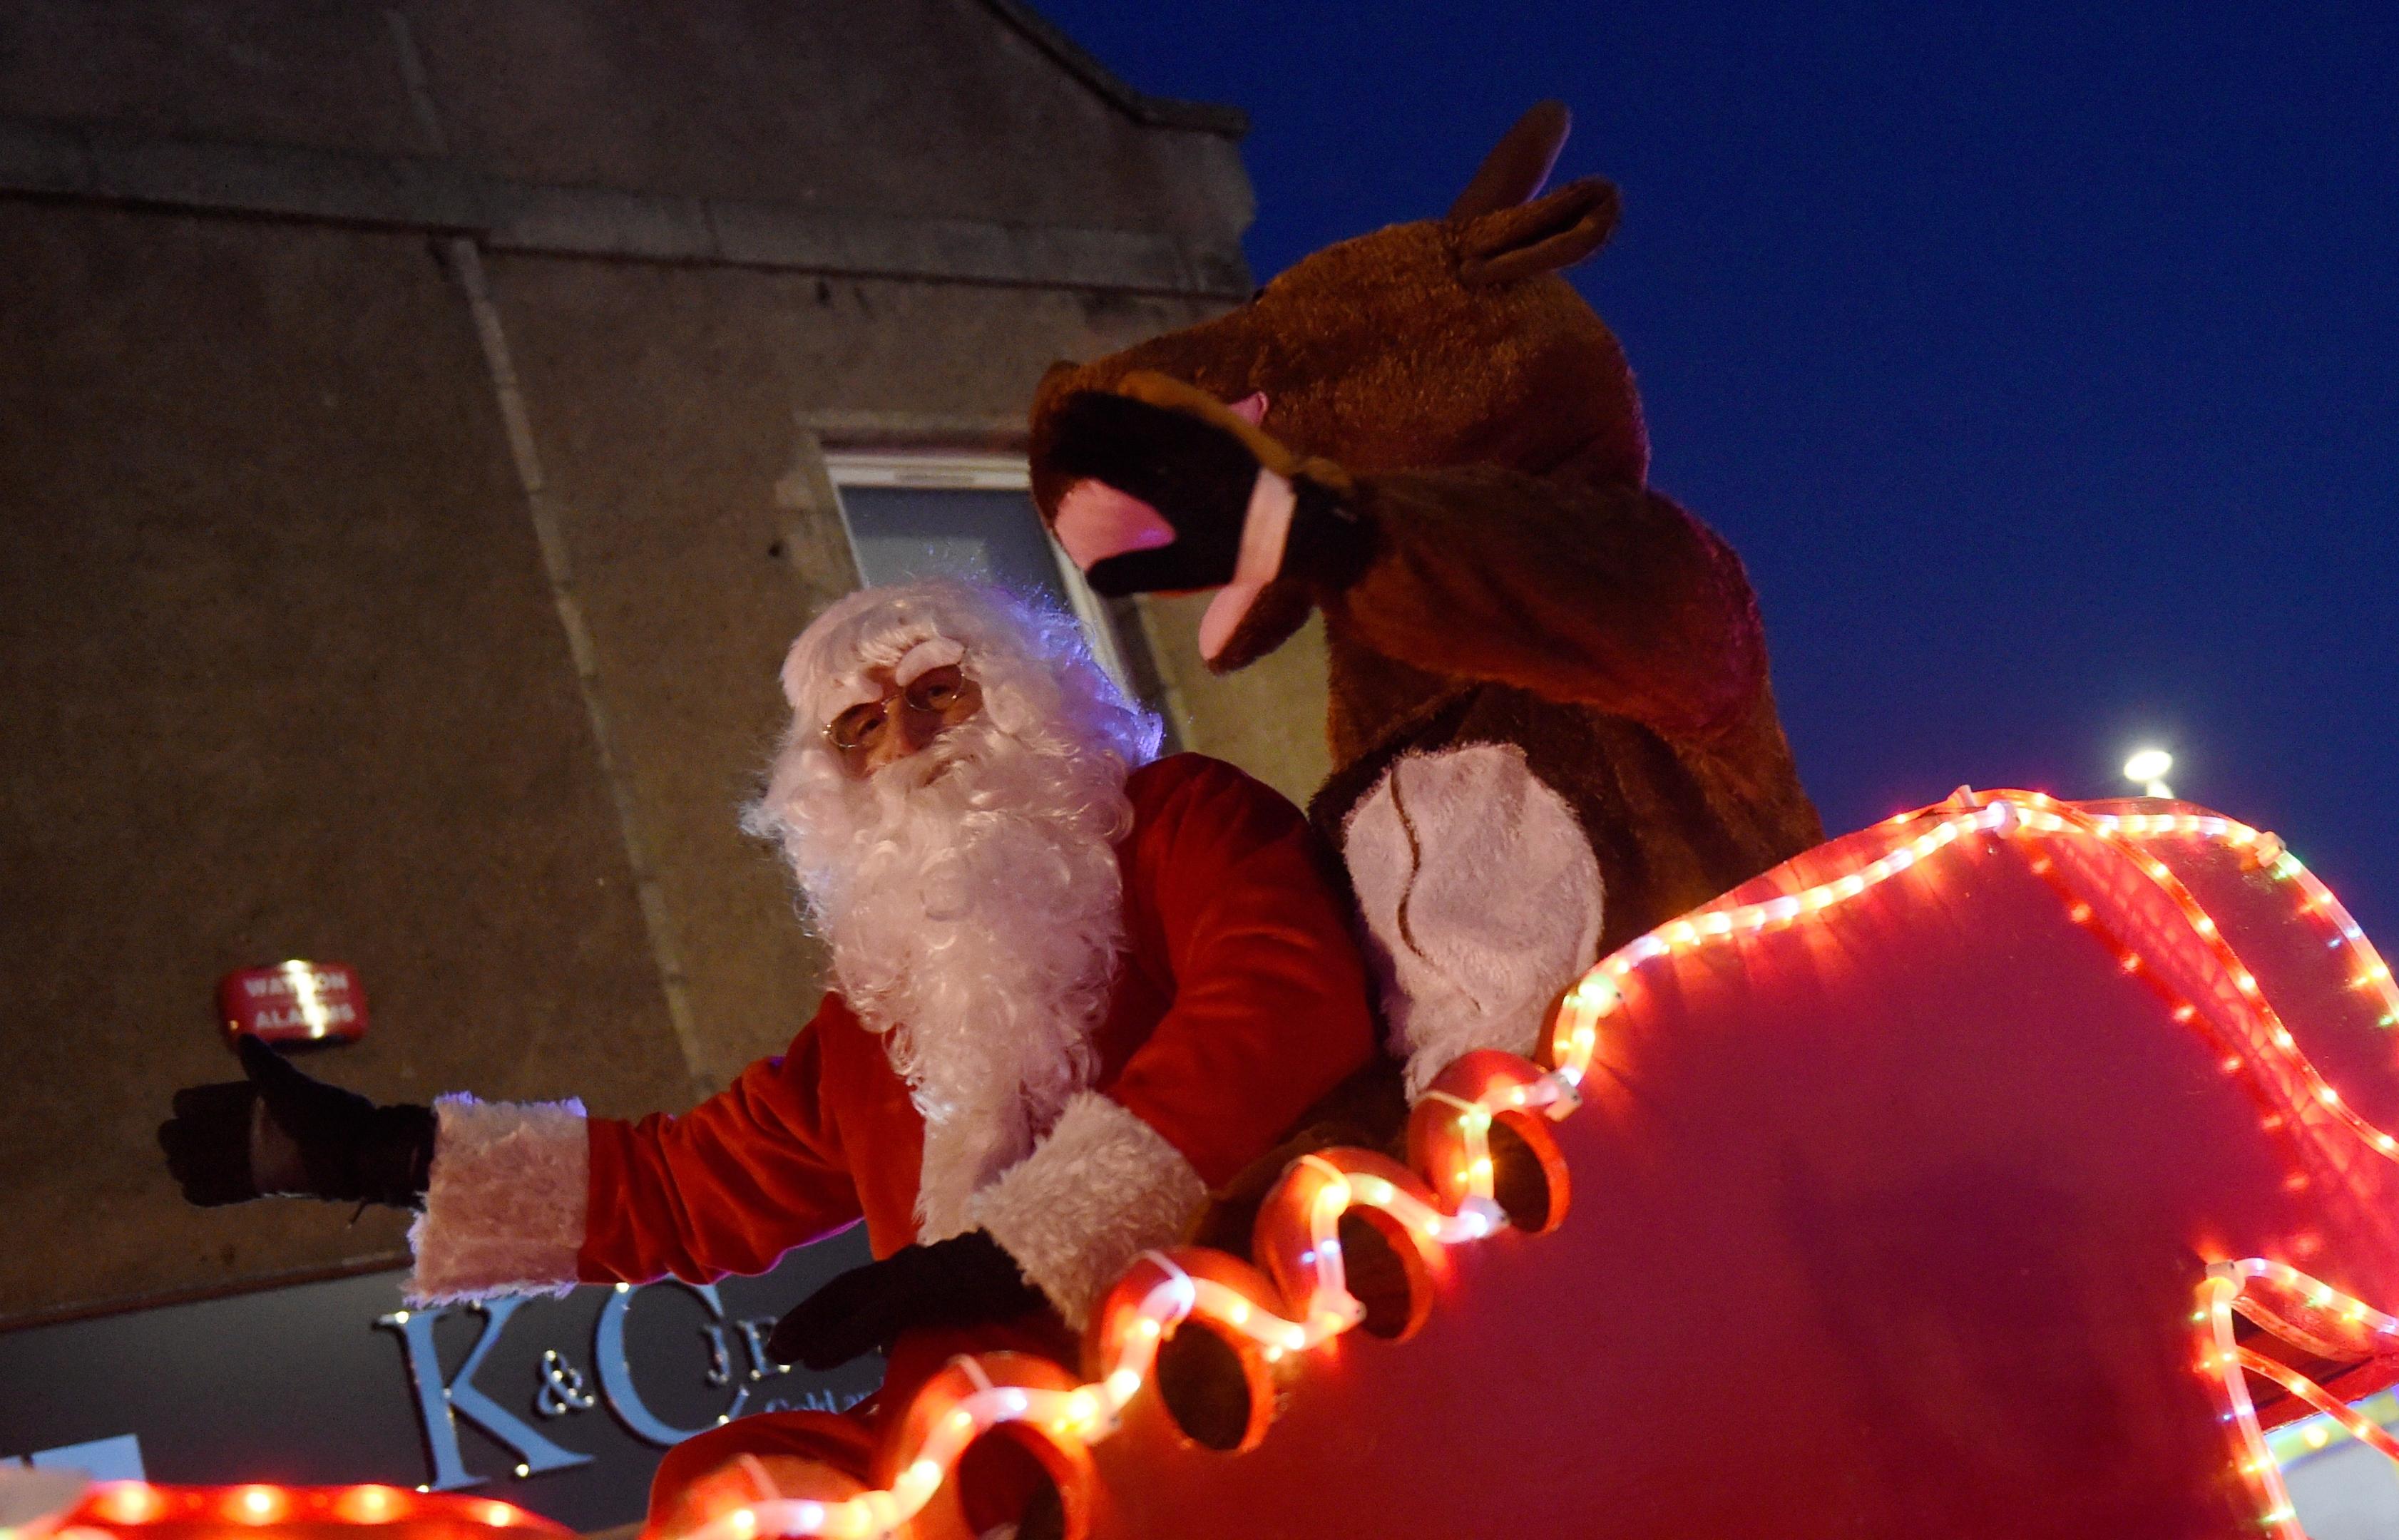 Santa and Rudolph in their sleigh as part of the parade through Ellon.